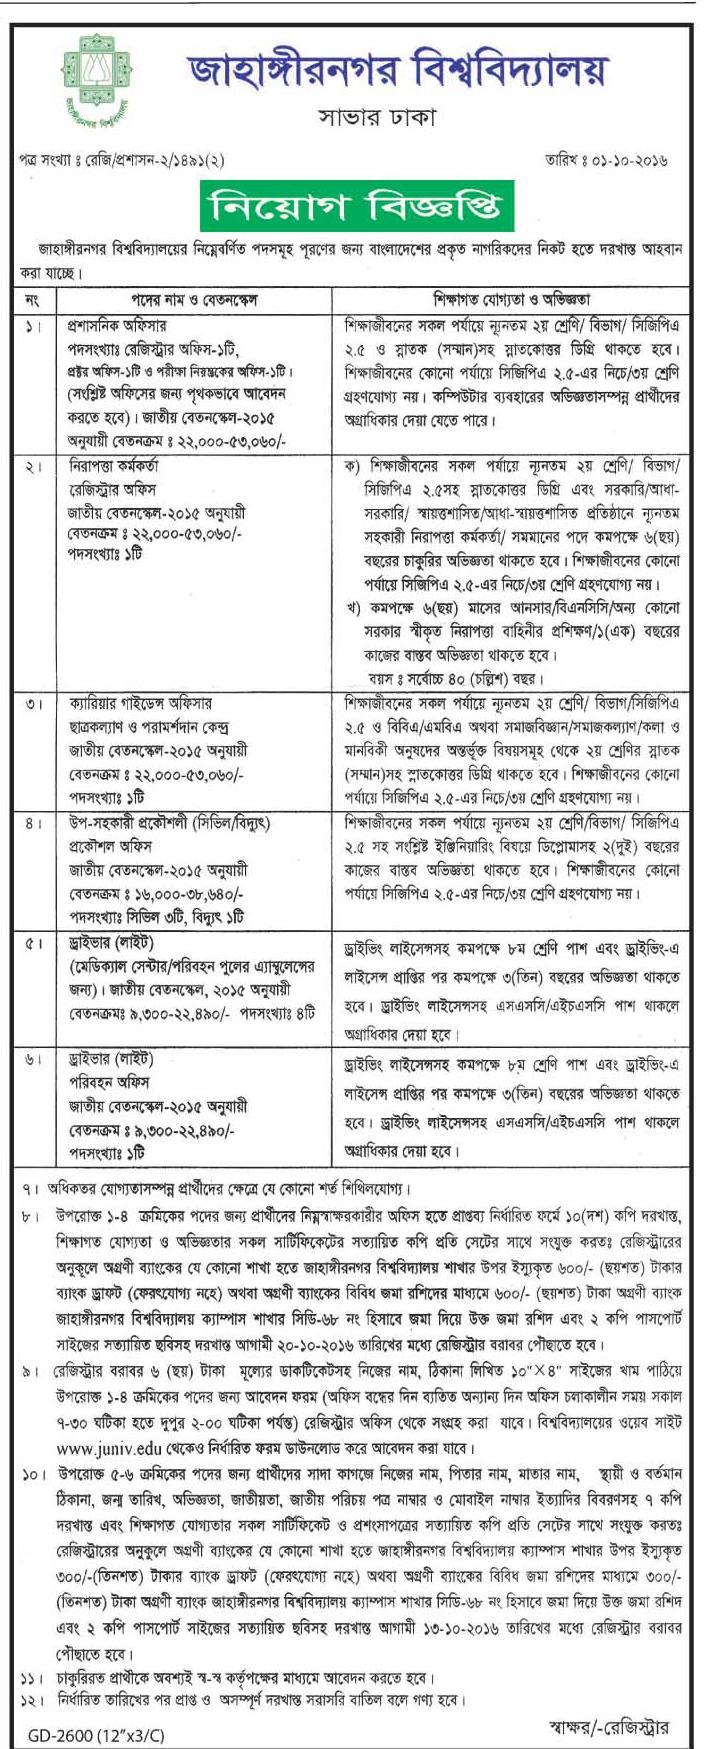 Jahangirnagar University job vacancy 2016